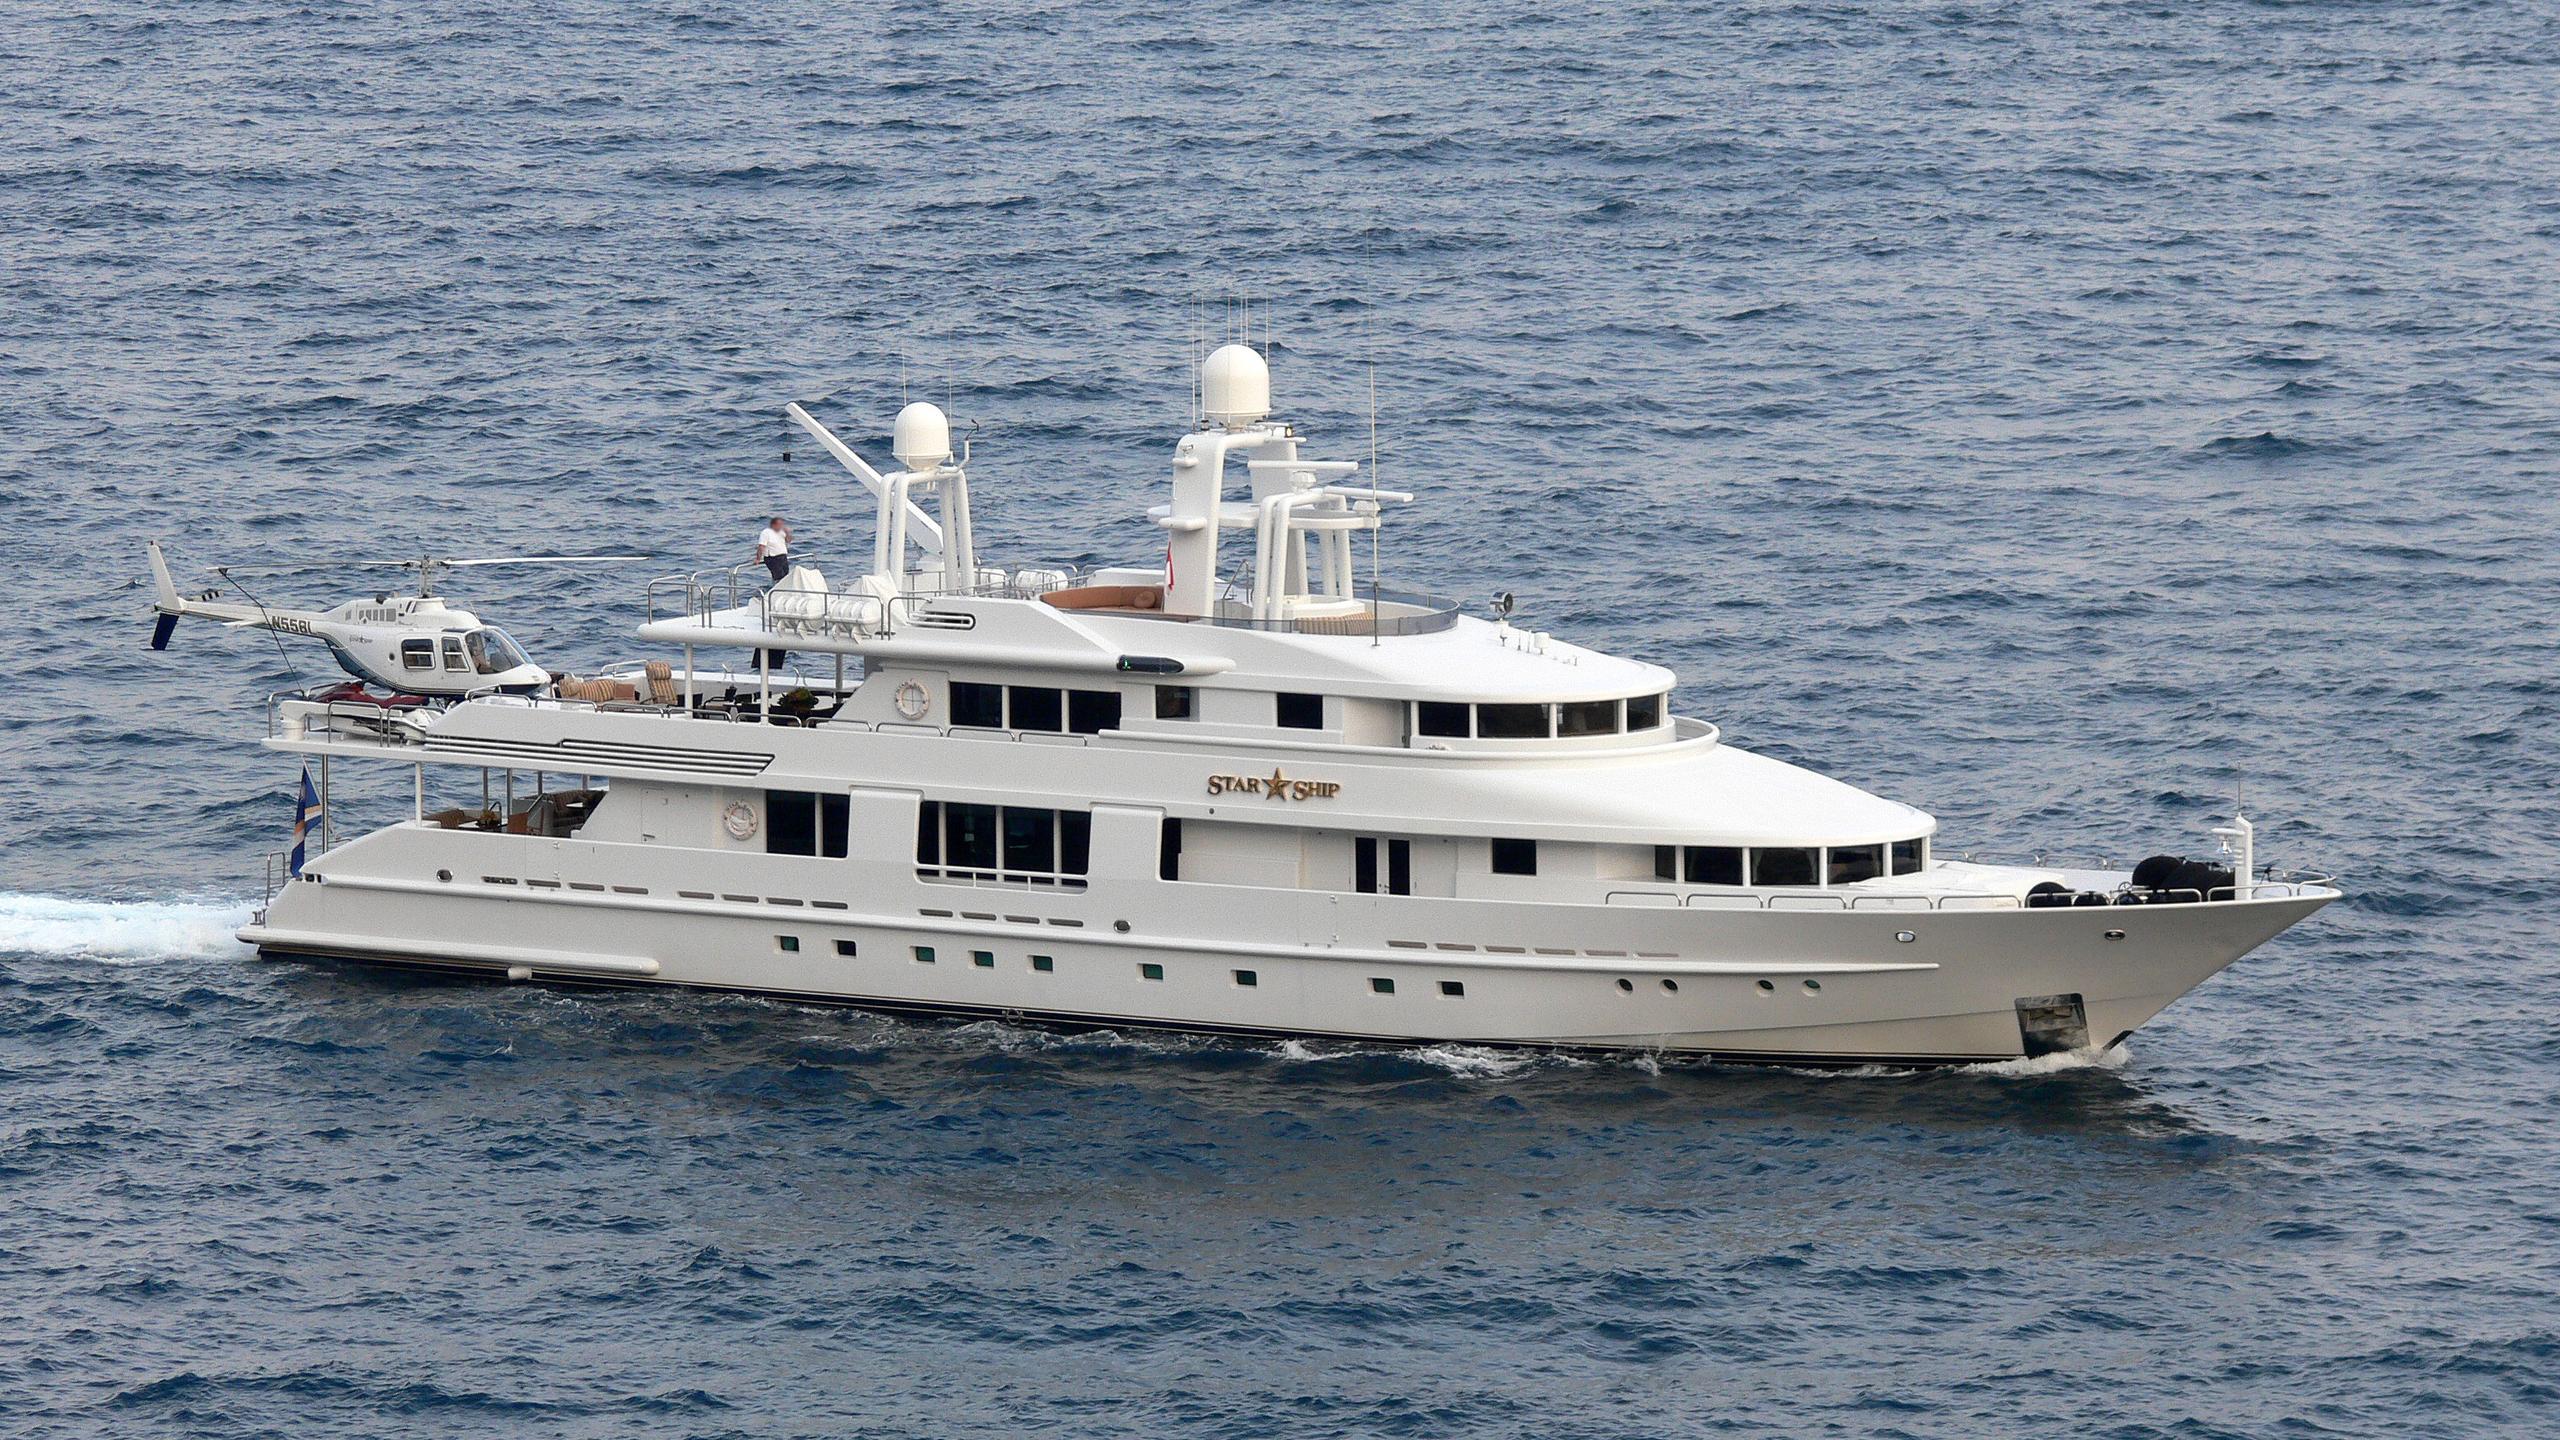 starship-motor-yacht-van-mill-topaz-143-1988-44m-cruising-profile